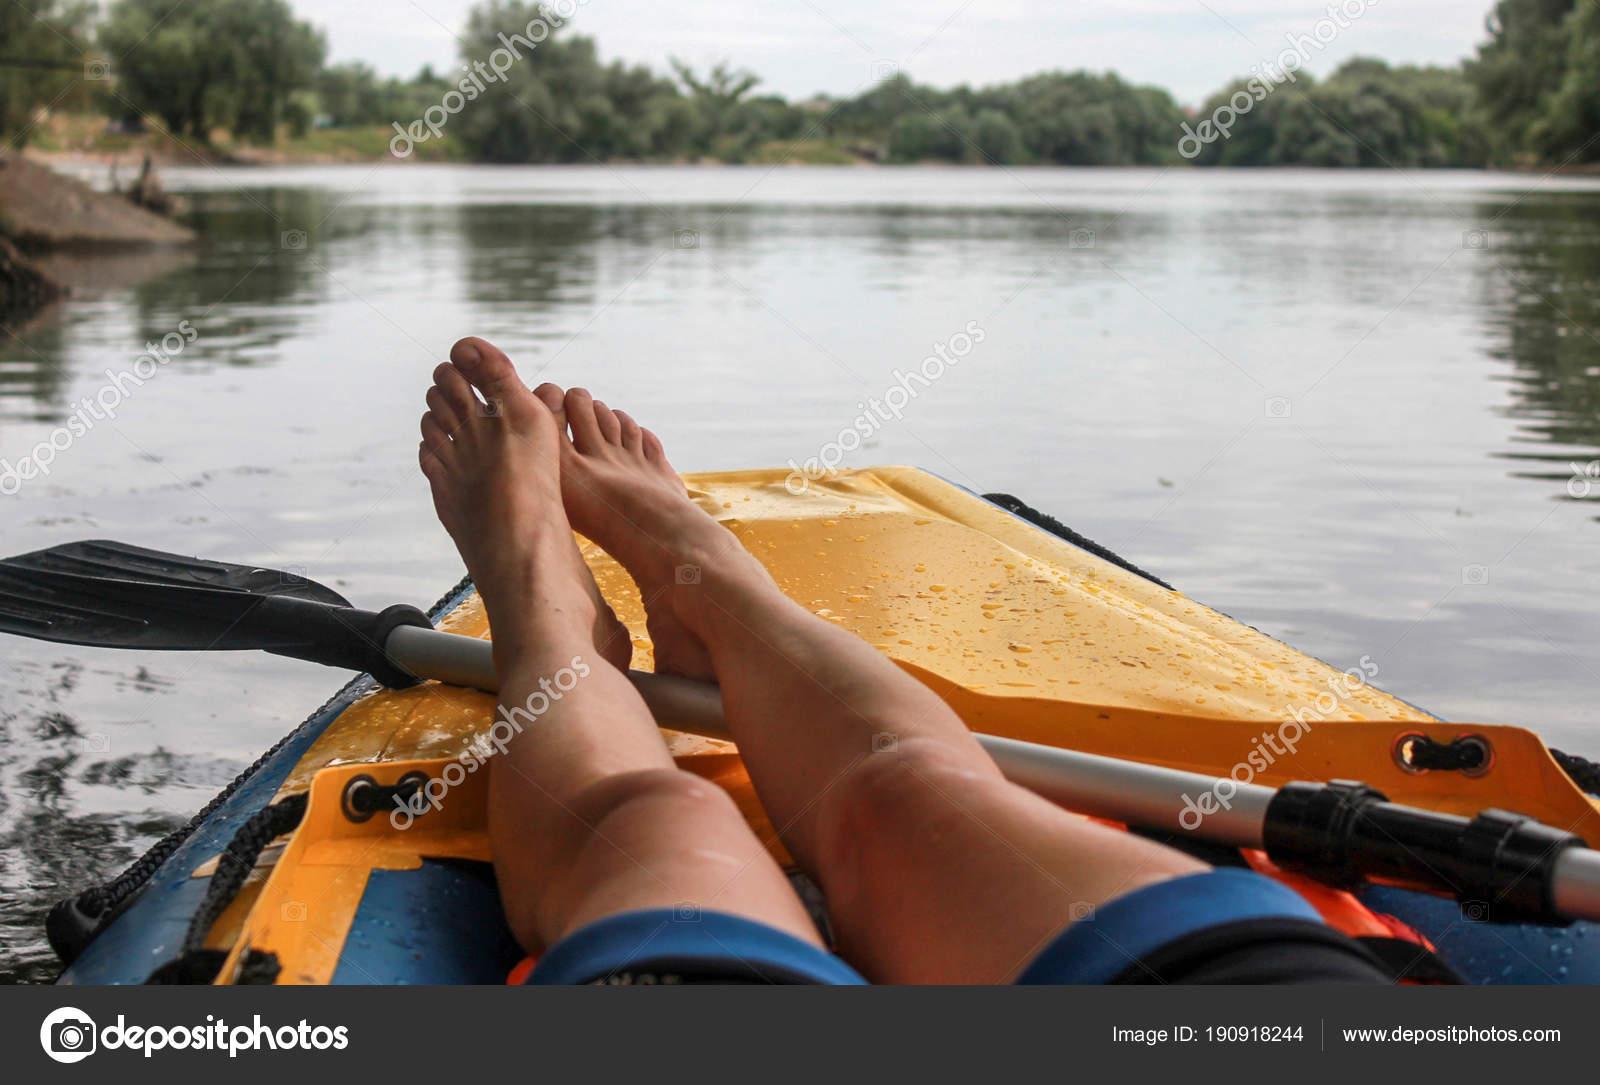 Mädchen Ist Entspannung Auf Boot Den Fluss Nahaufnahme Der Nackten